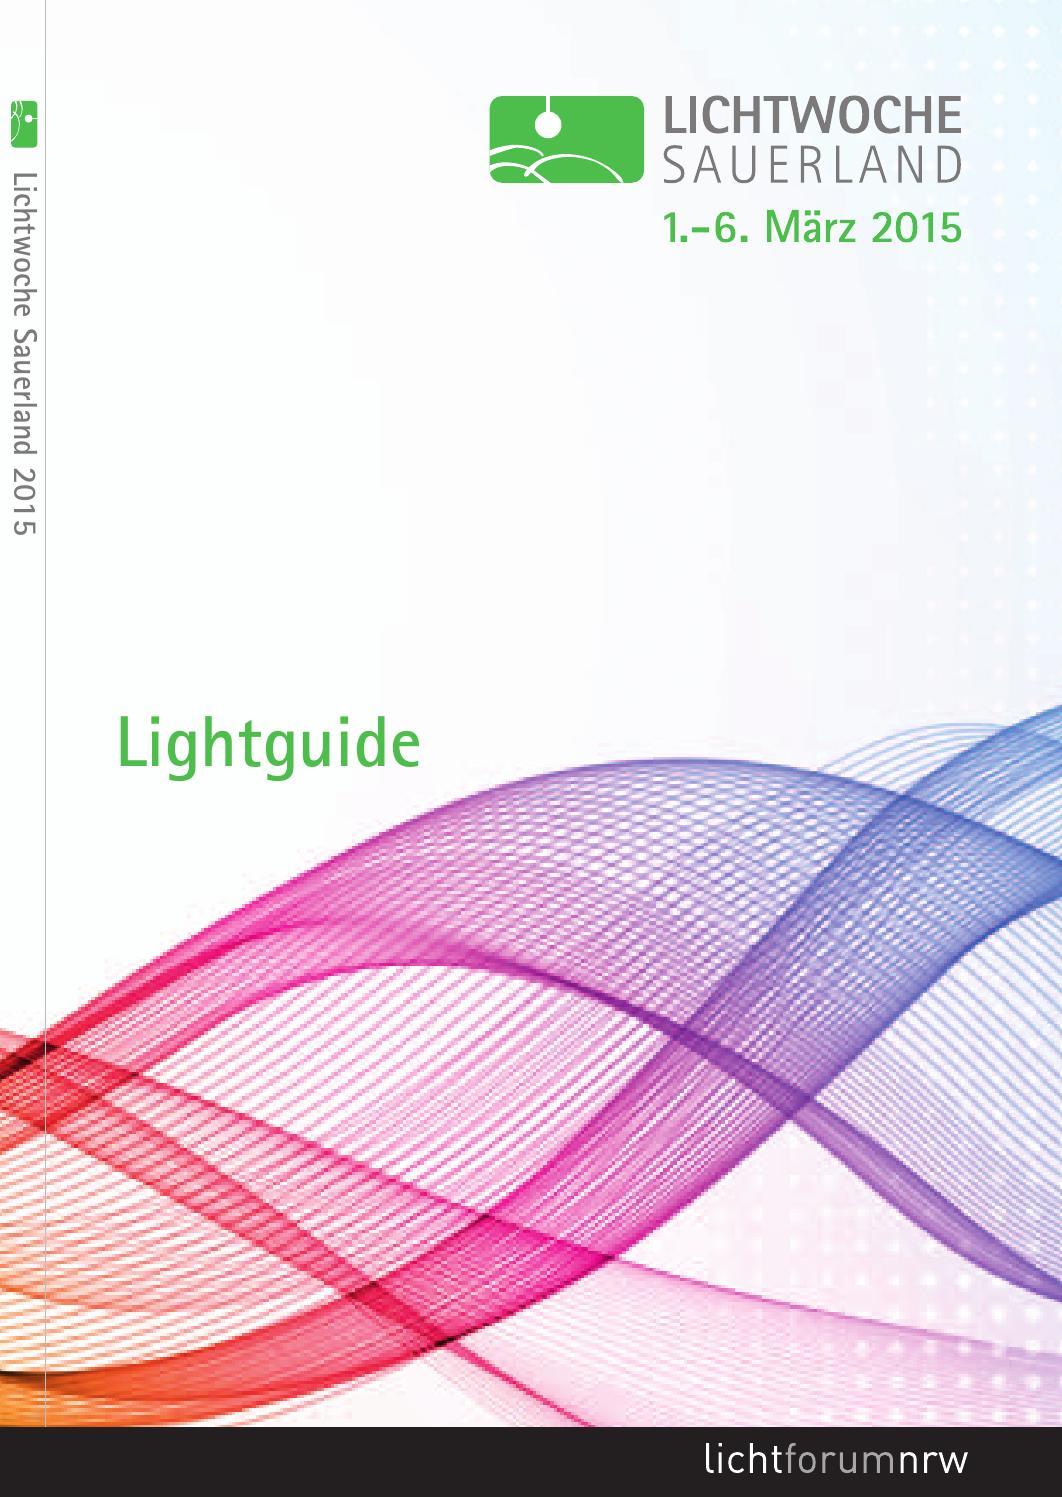 Lichtwoche Sauerland 2015 Lightguide By Lichtforum Nrw Issuu